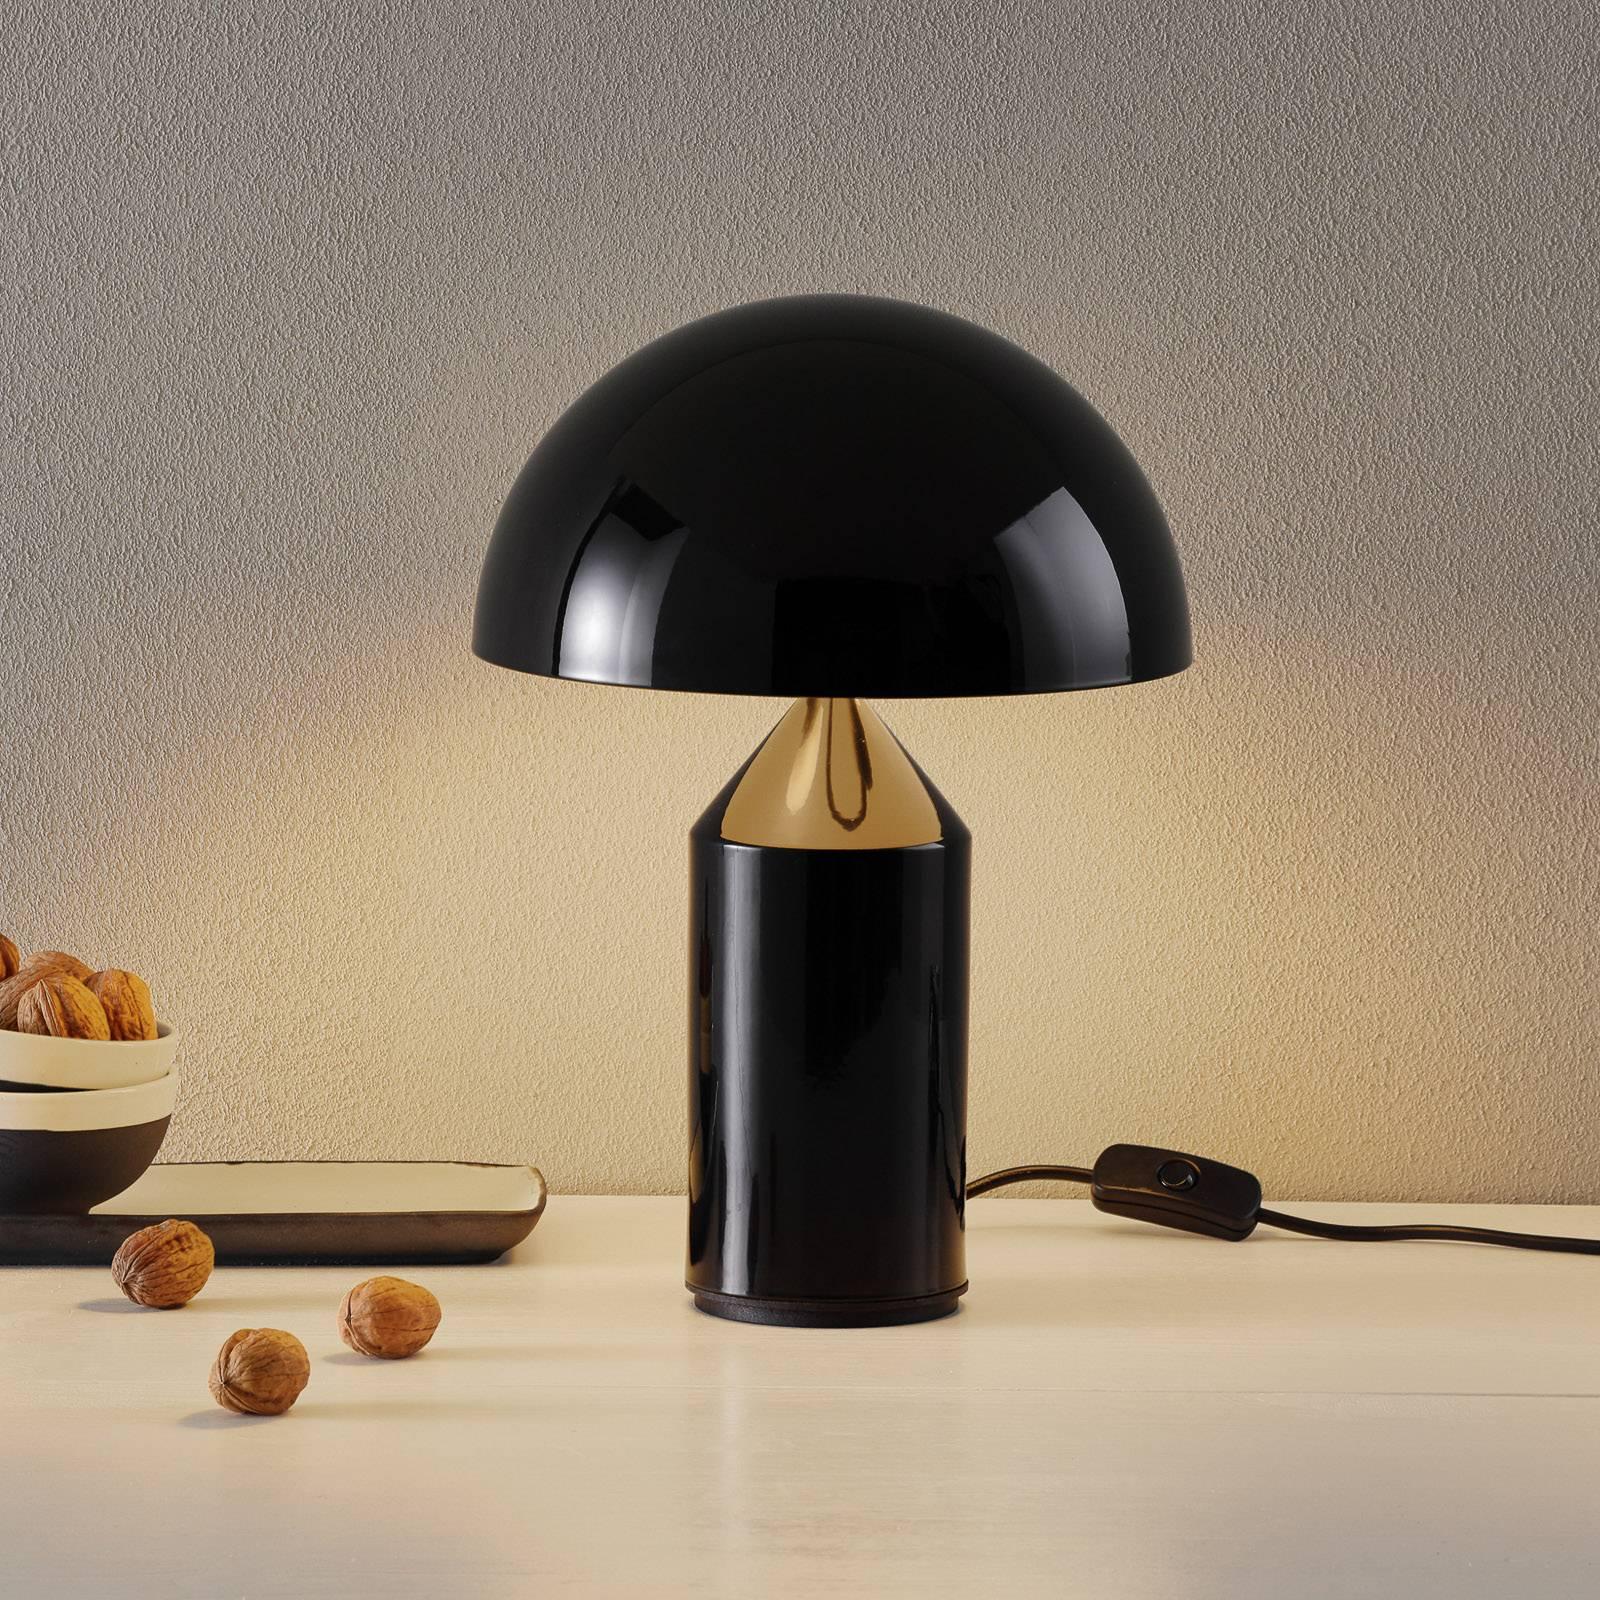 Oluce Atollo - tafellamp in zwart, 35 cm